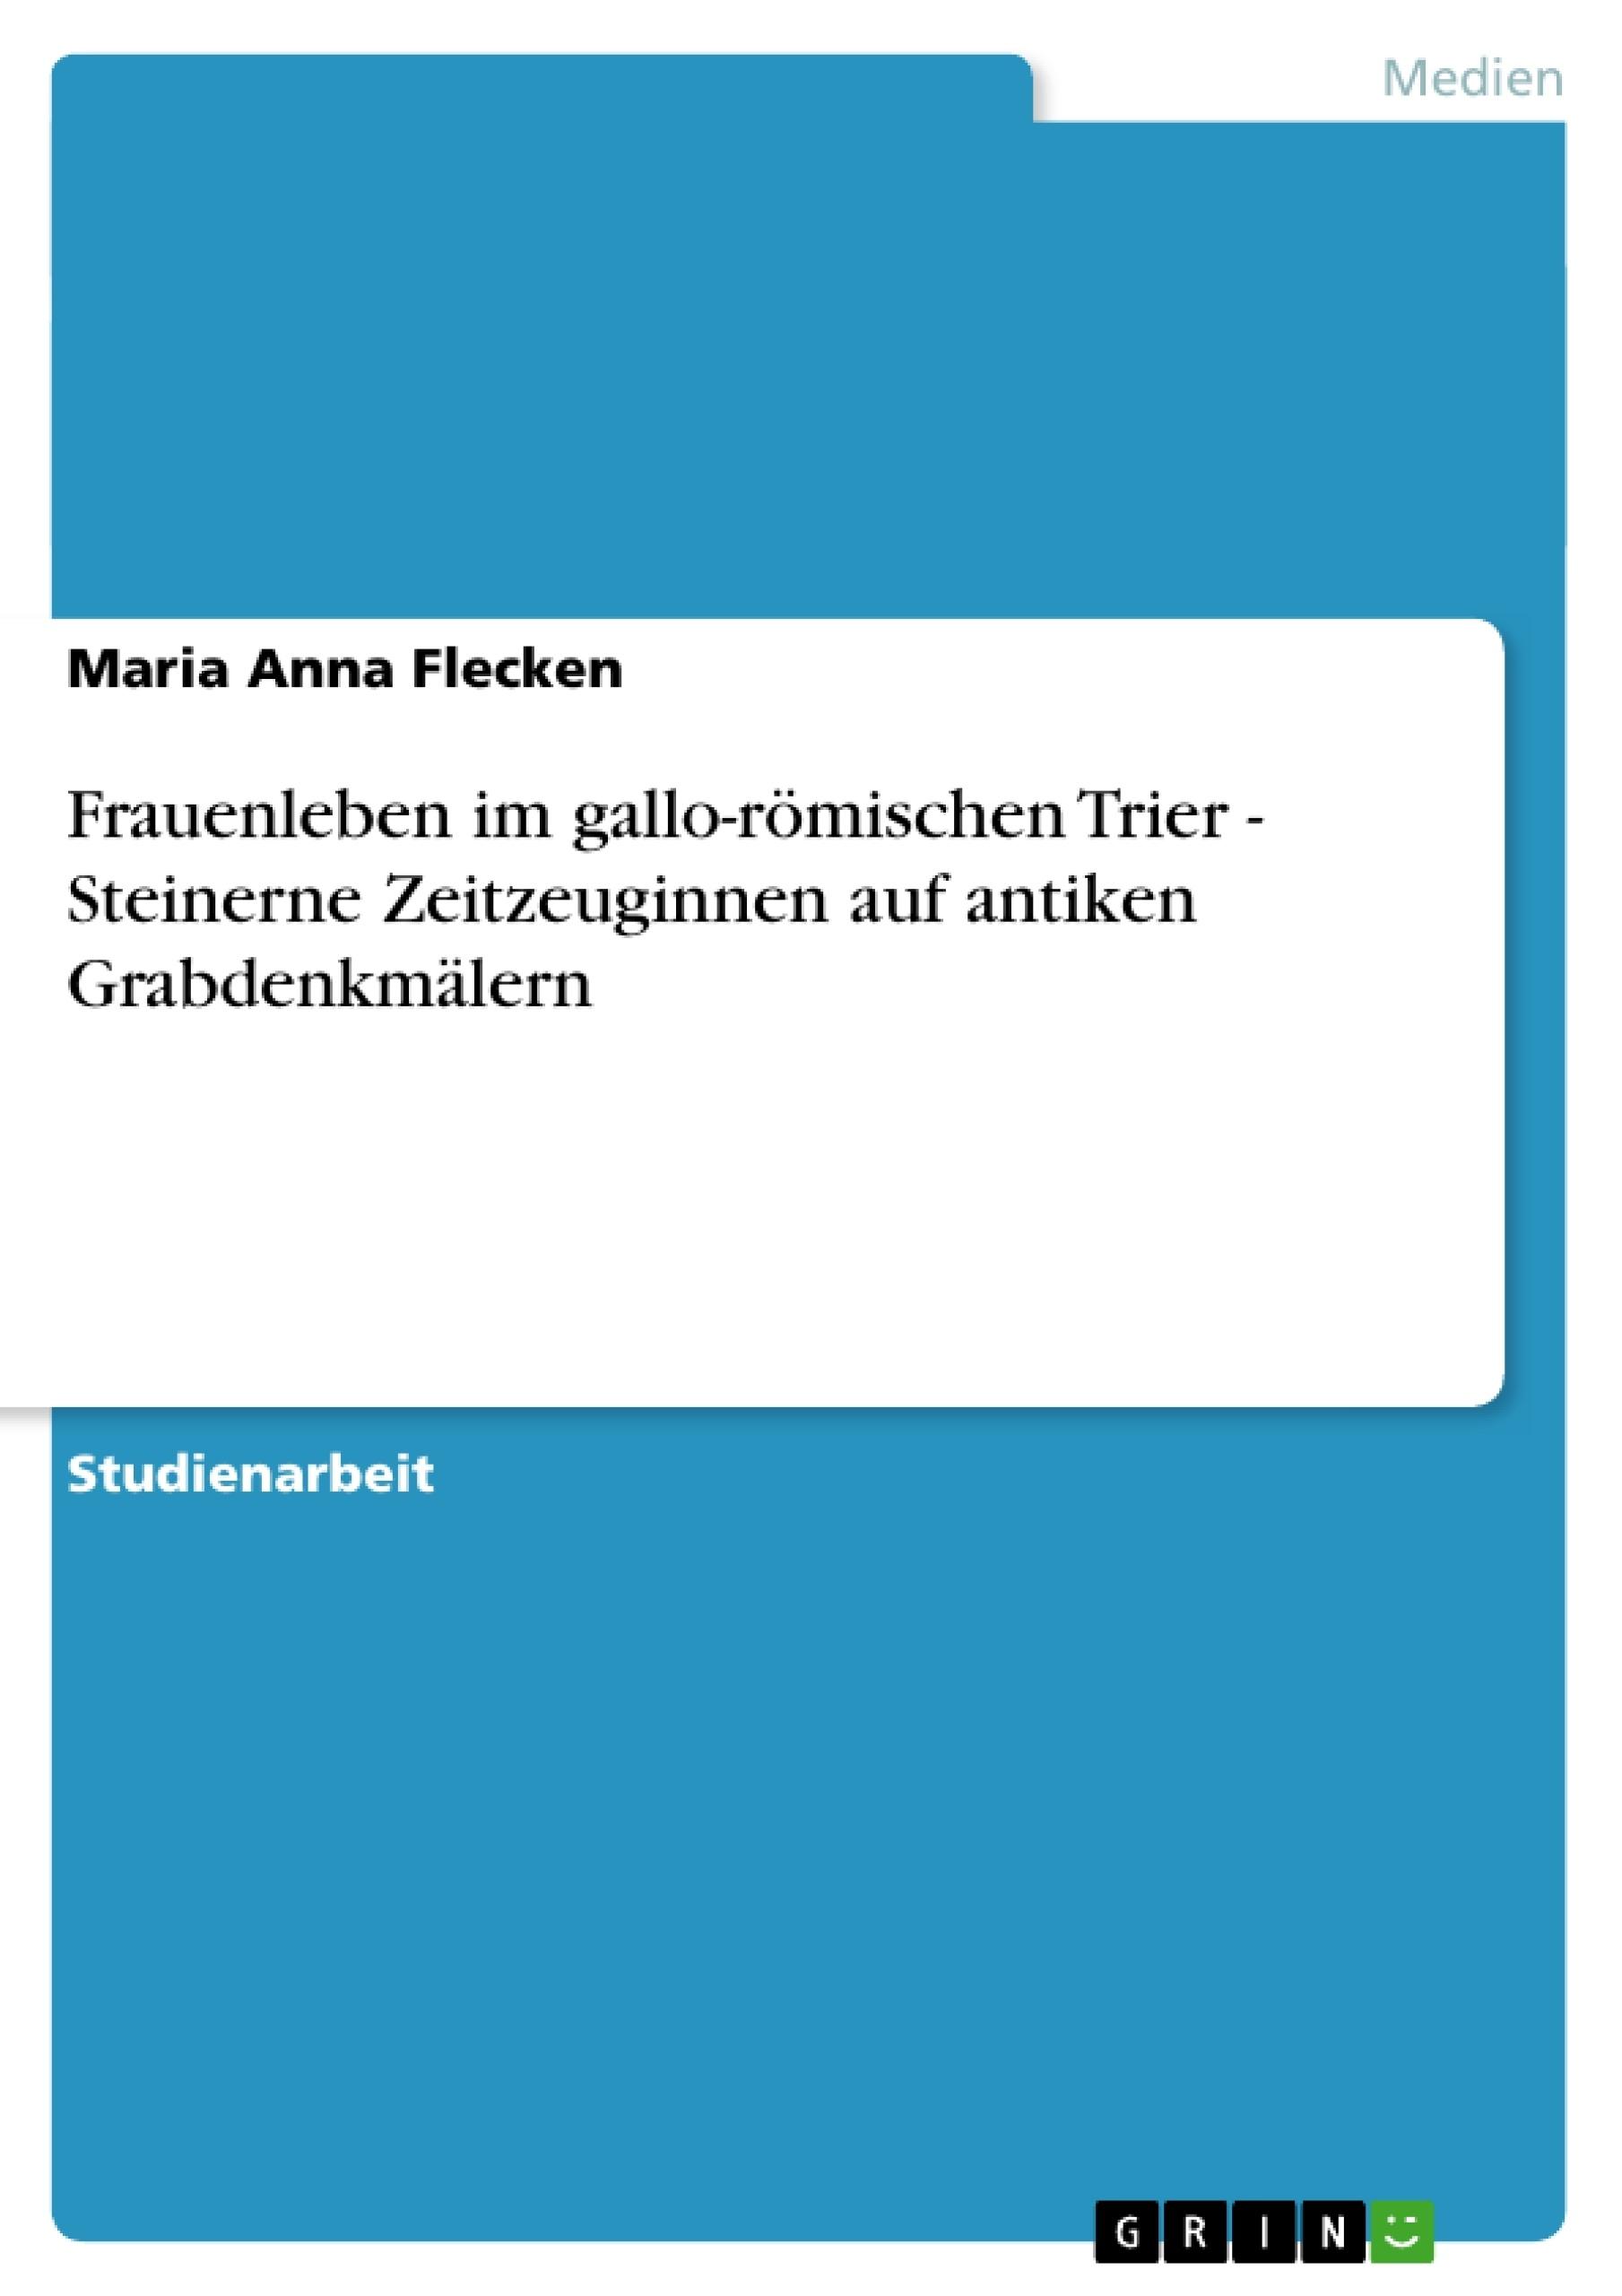 Titel: Frauenleben im gallo-römischen Trier - Steinerne Zeitzeuginnen auf antiken Grabdenkmälern